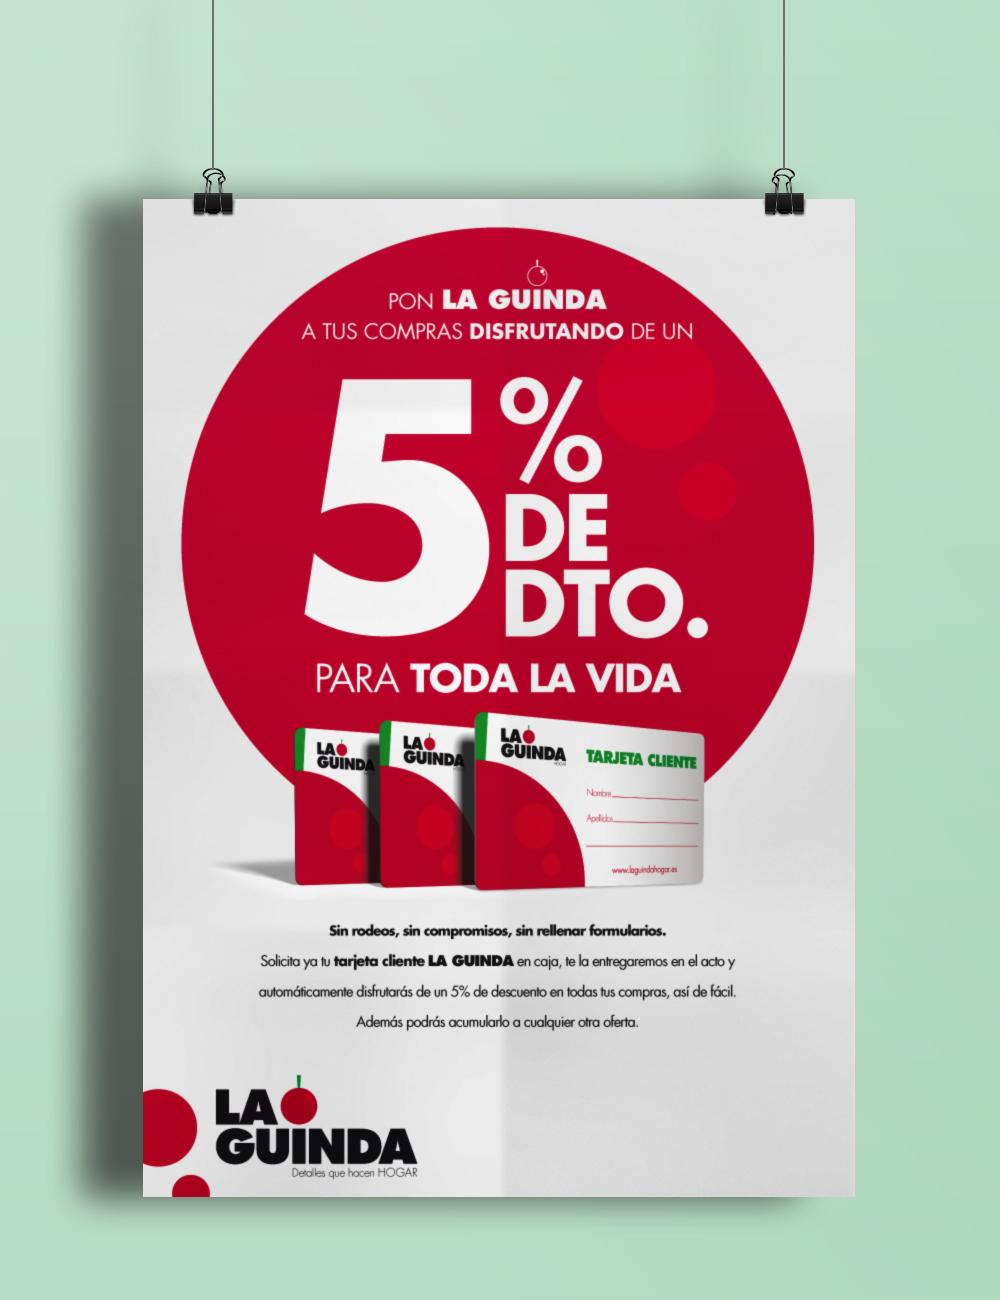 laguinda_id_paper04